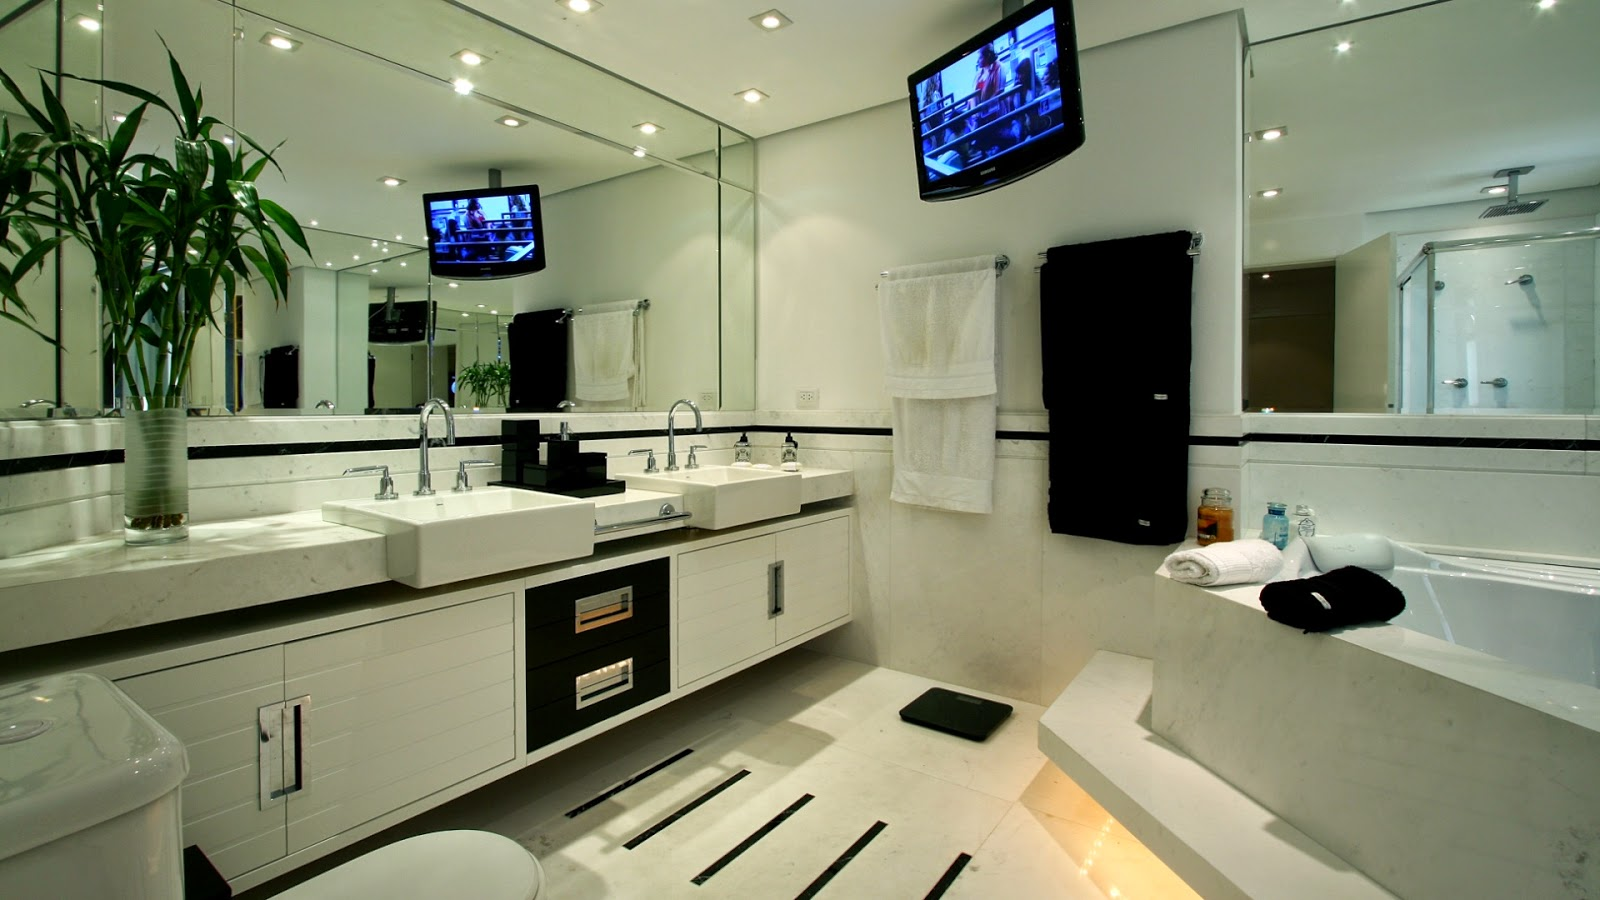 Imagens de #1B2C81  decoracao de banheiros pequenos com box decoracao de banheiro  1600x900 px 3558 Blindex Banheiro Belem